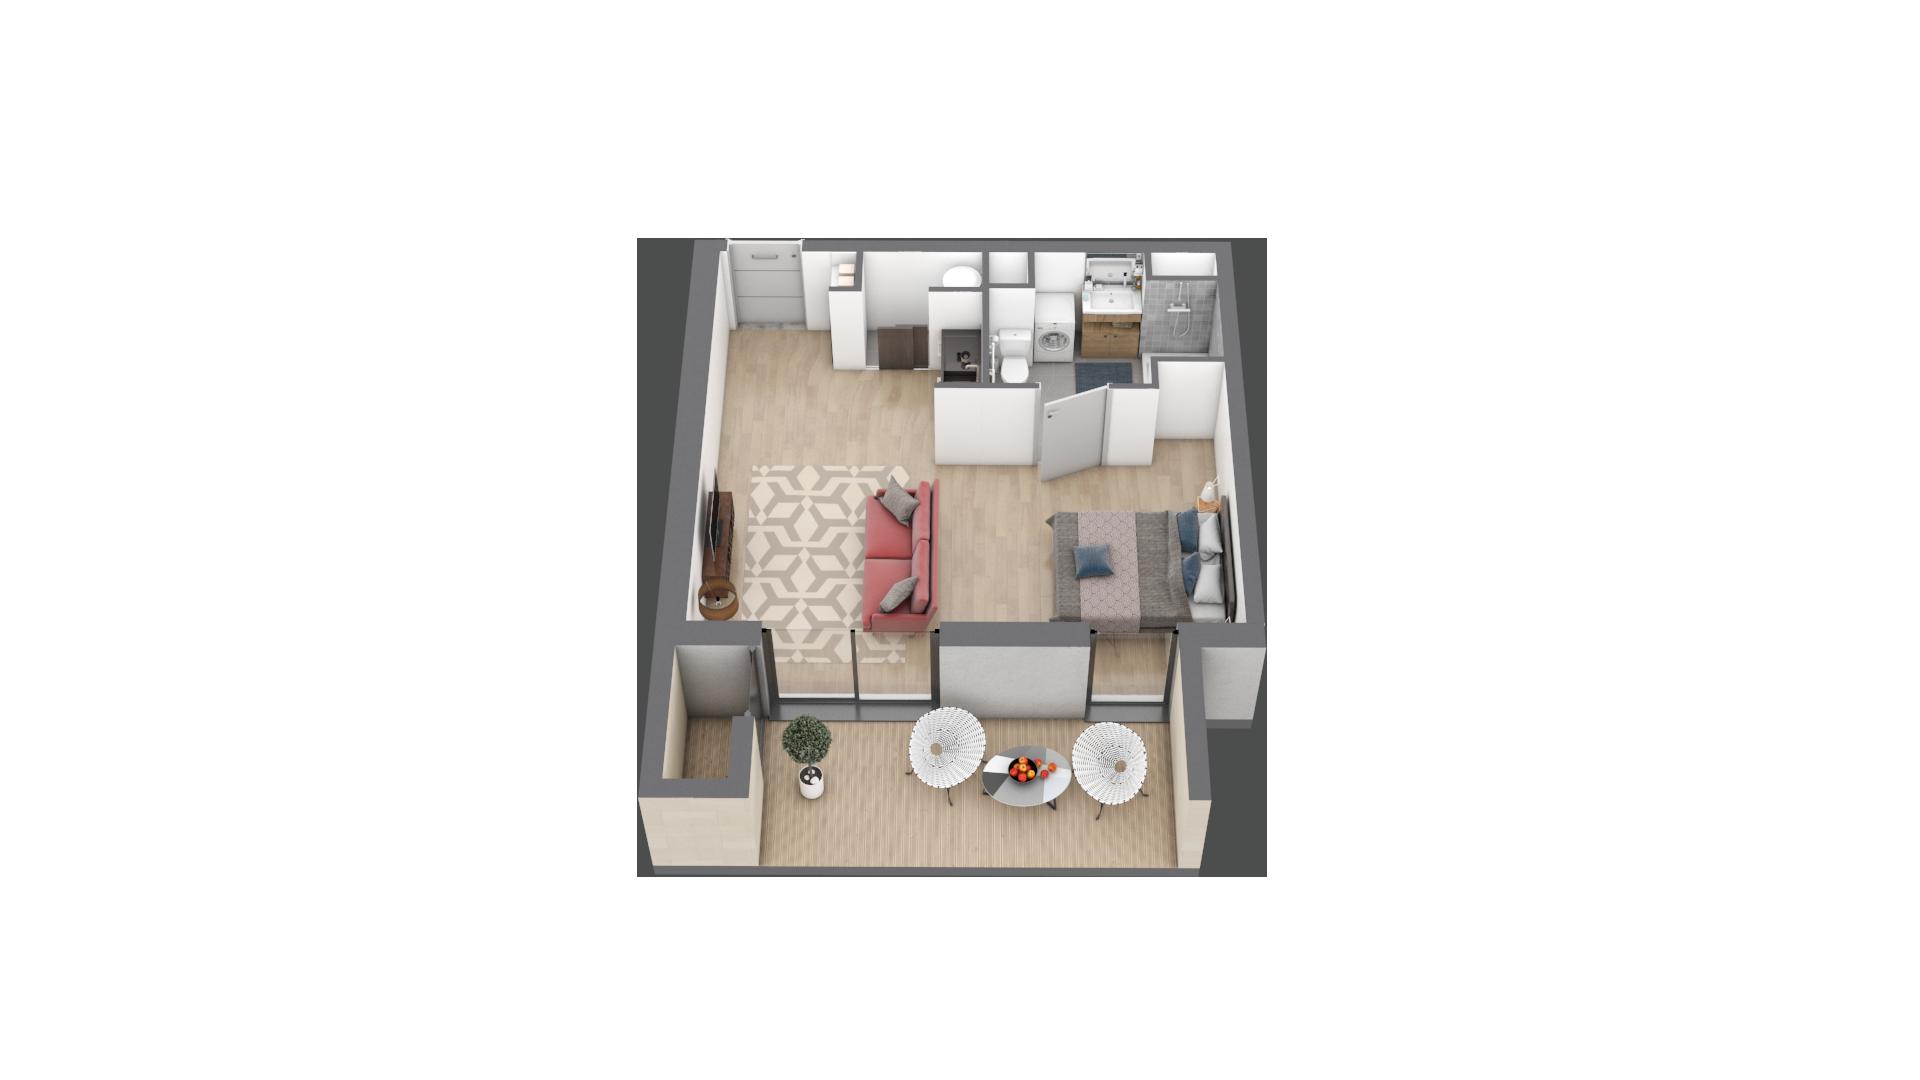 appartement B003 de type T1